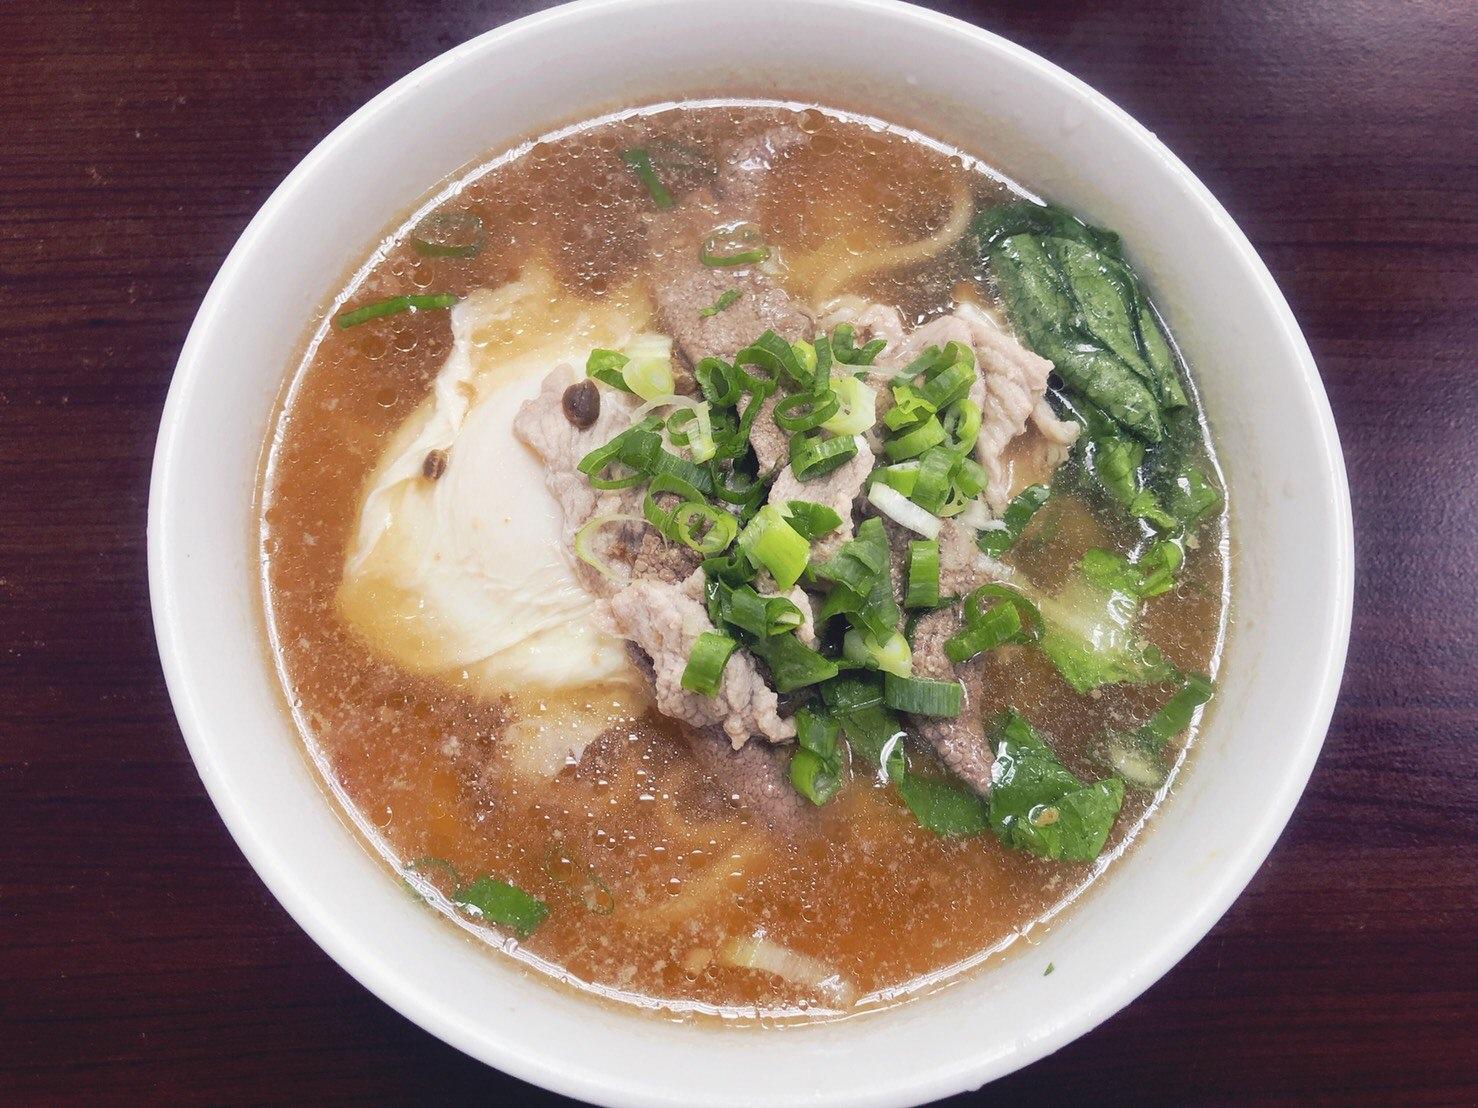 新竹美食 吳記雲南美食米干米線、道地雲南風味